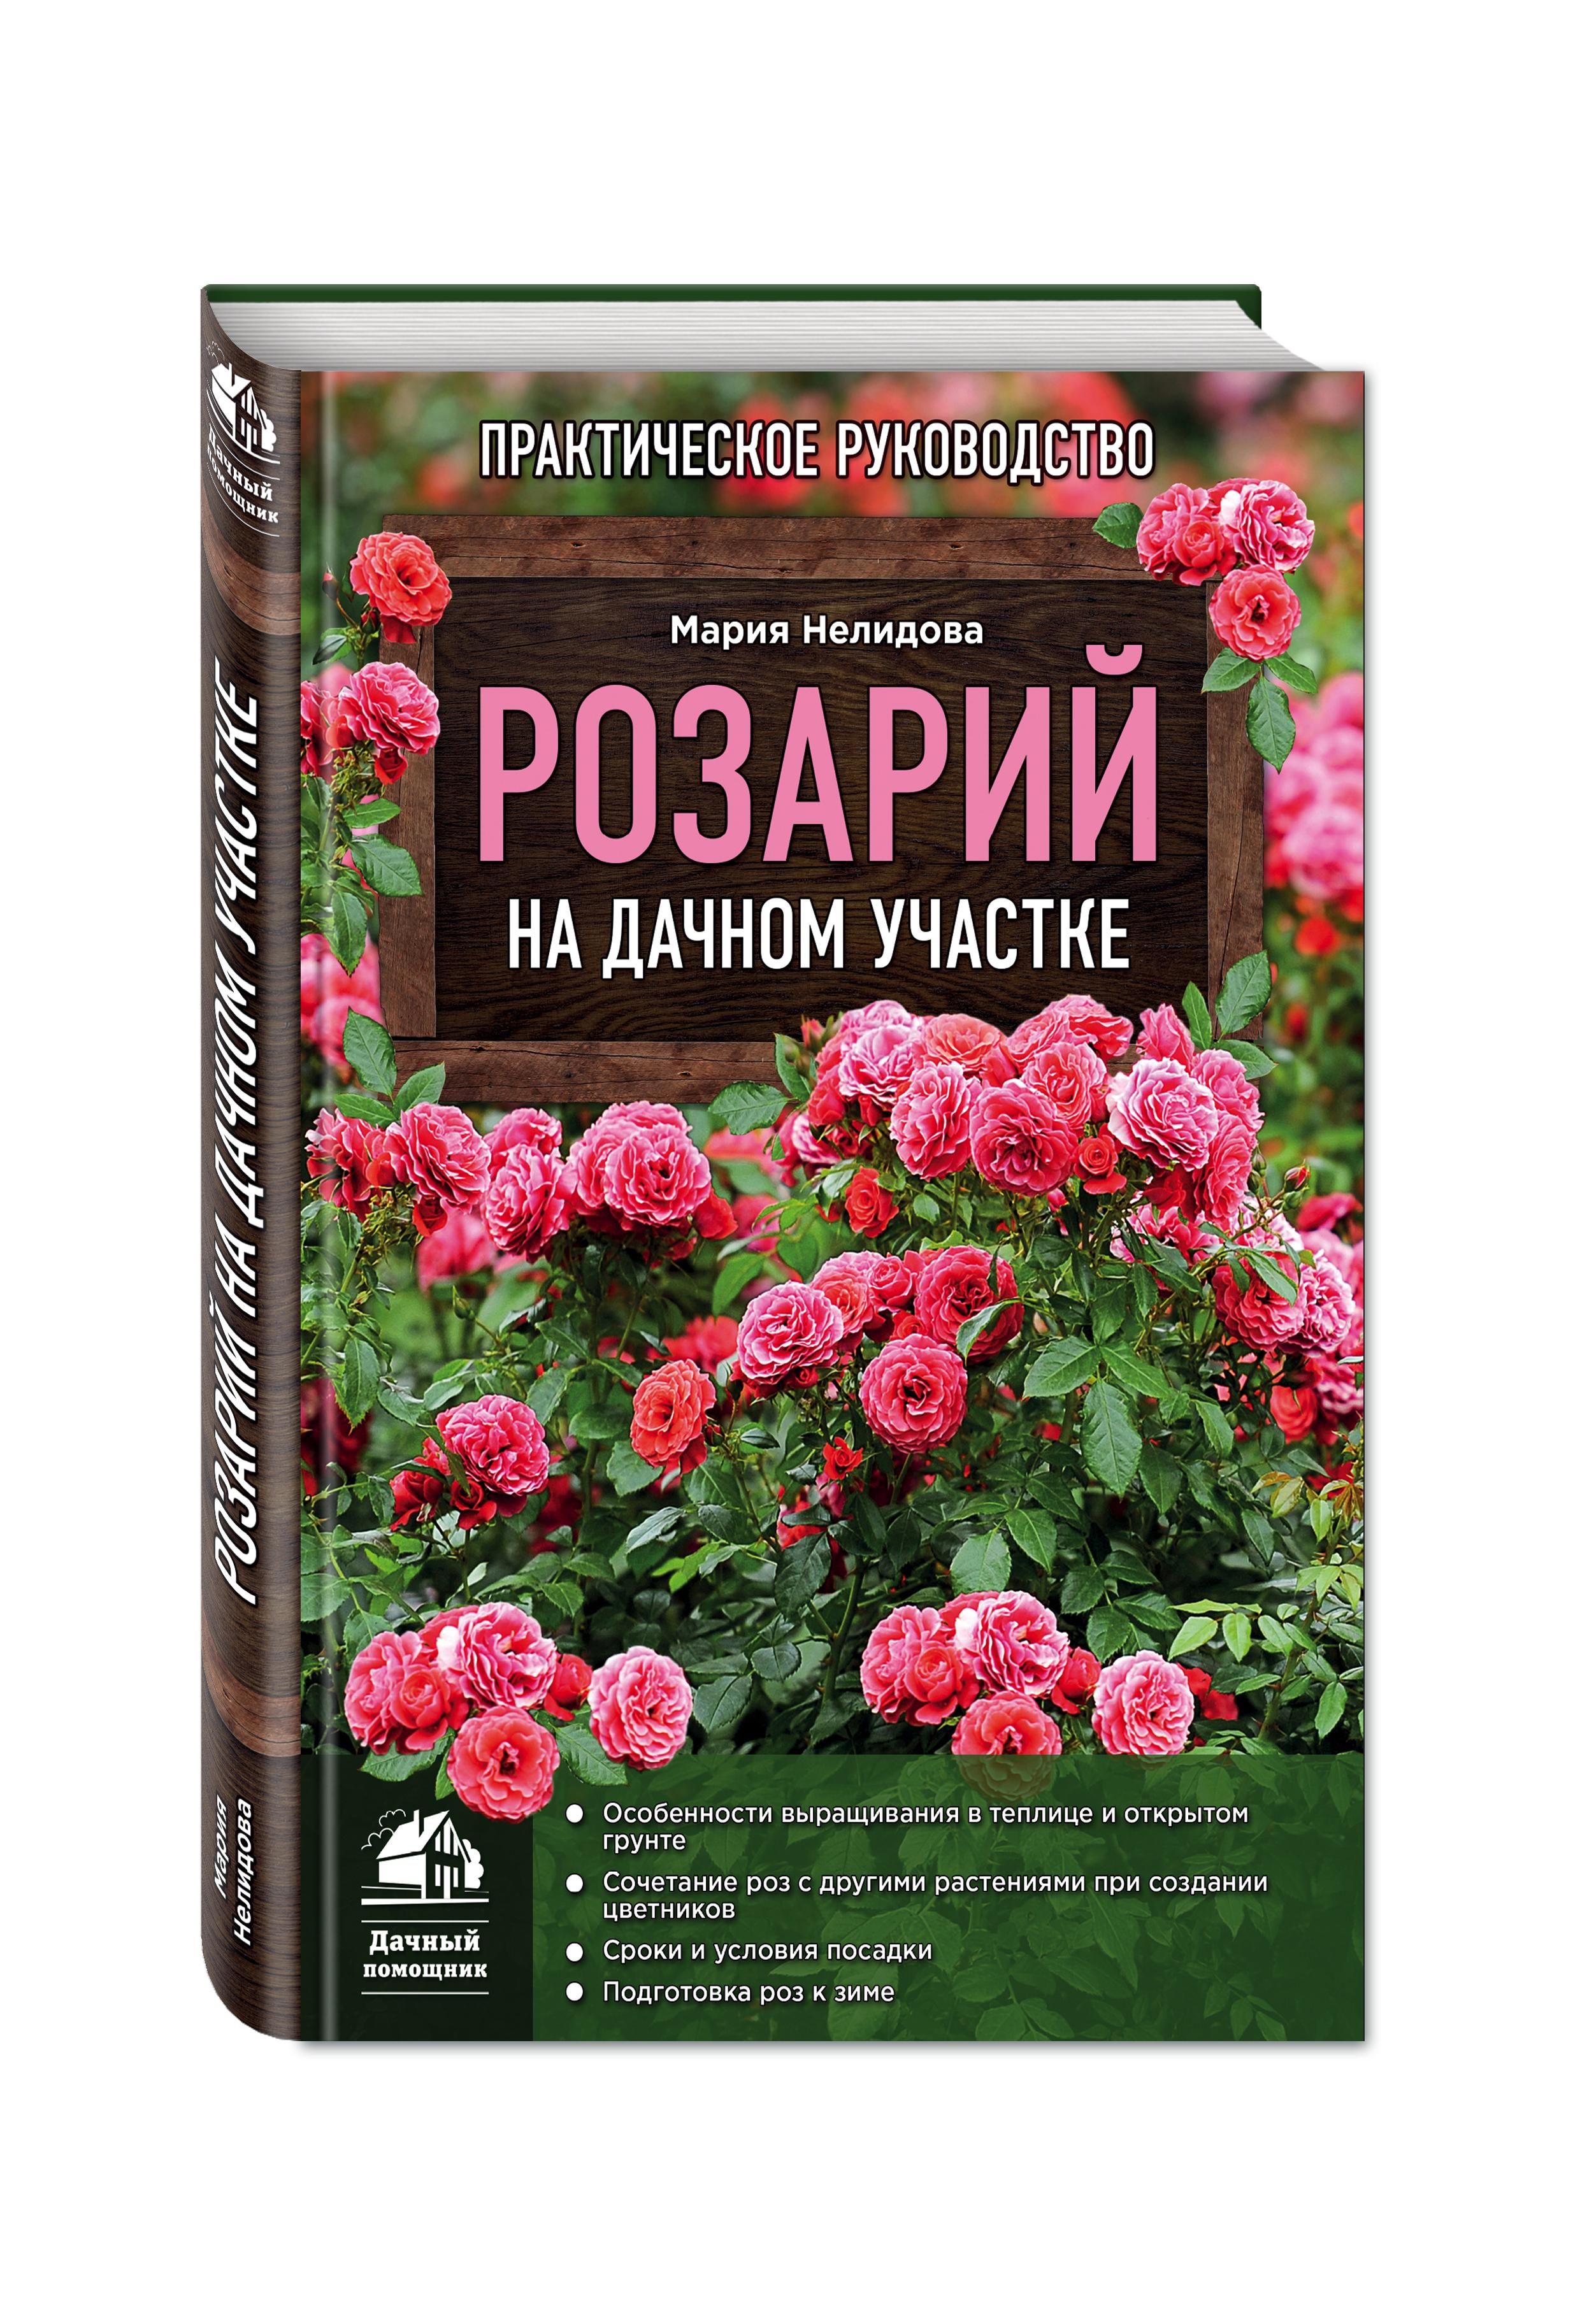 Розарий на дачном участке от book24.ru